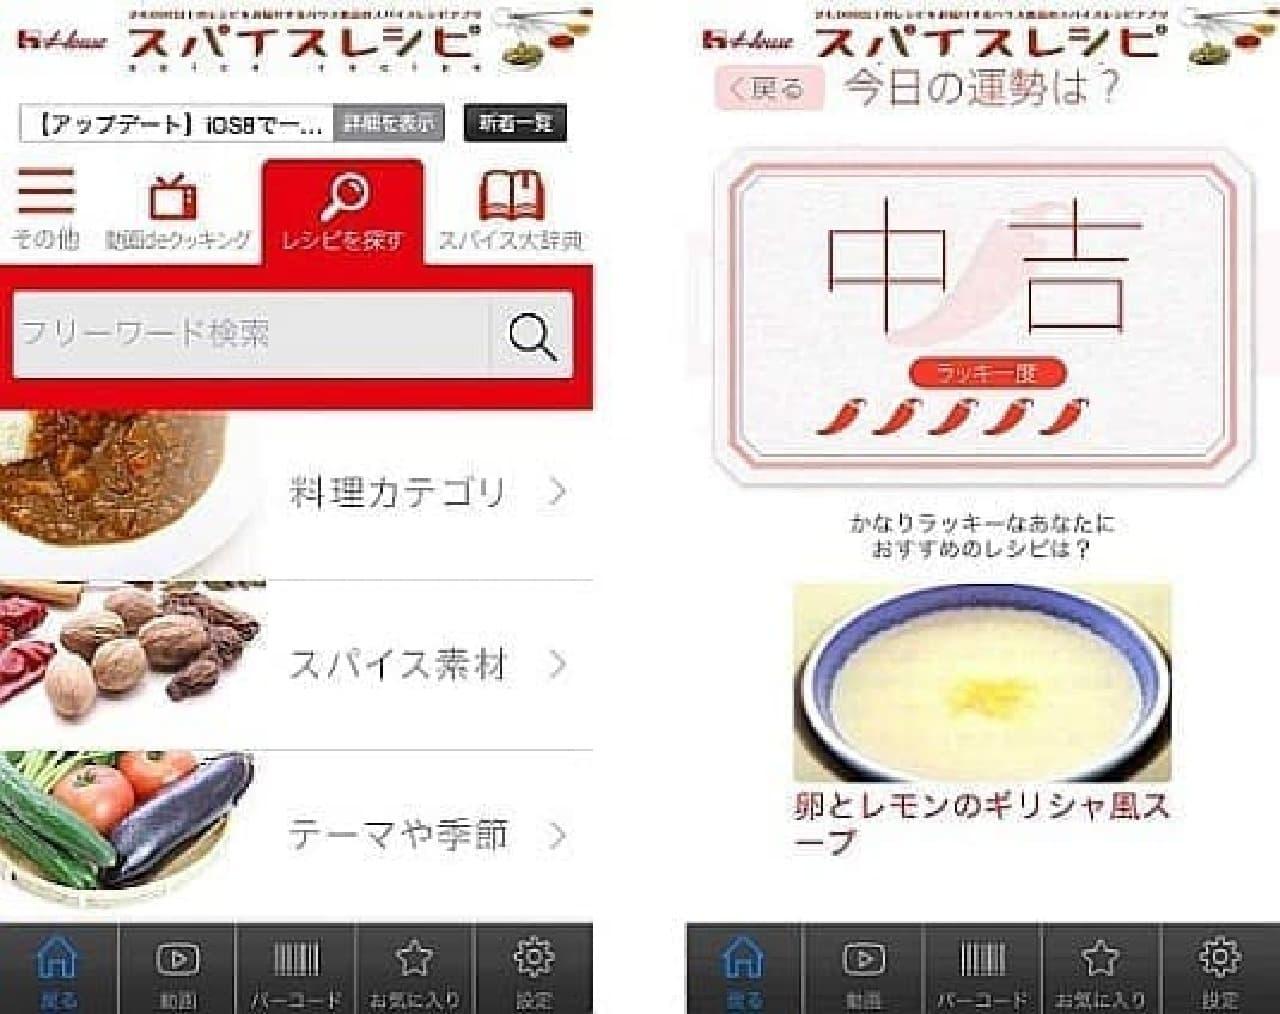 ハウス食品のアプリ「スパイスレシピ」   今日の運勢も占ってくれます